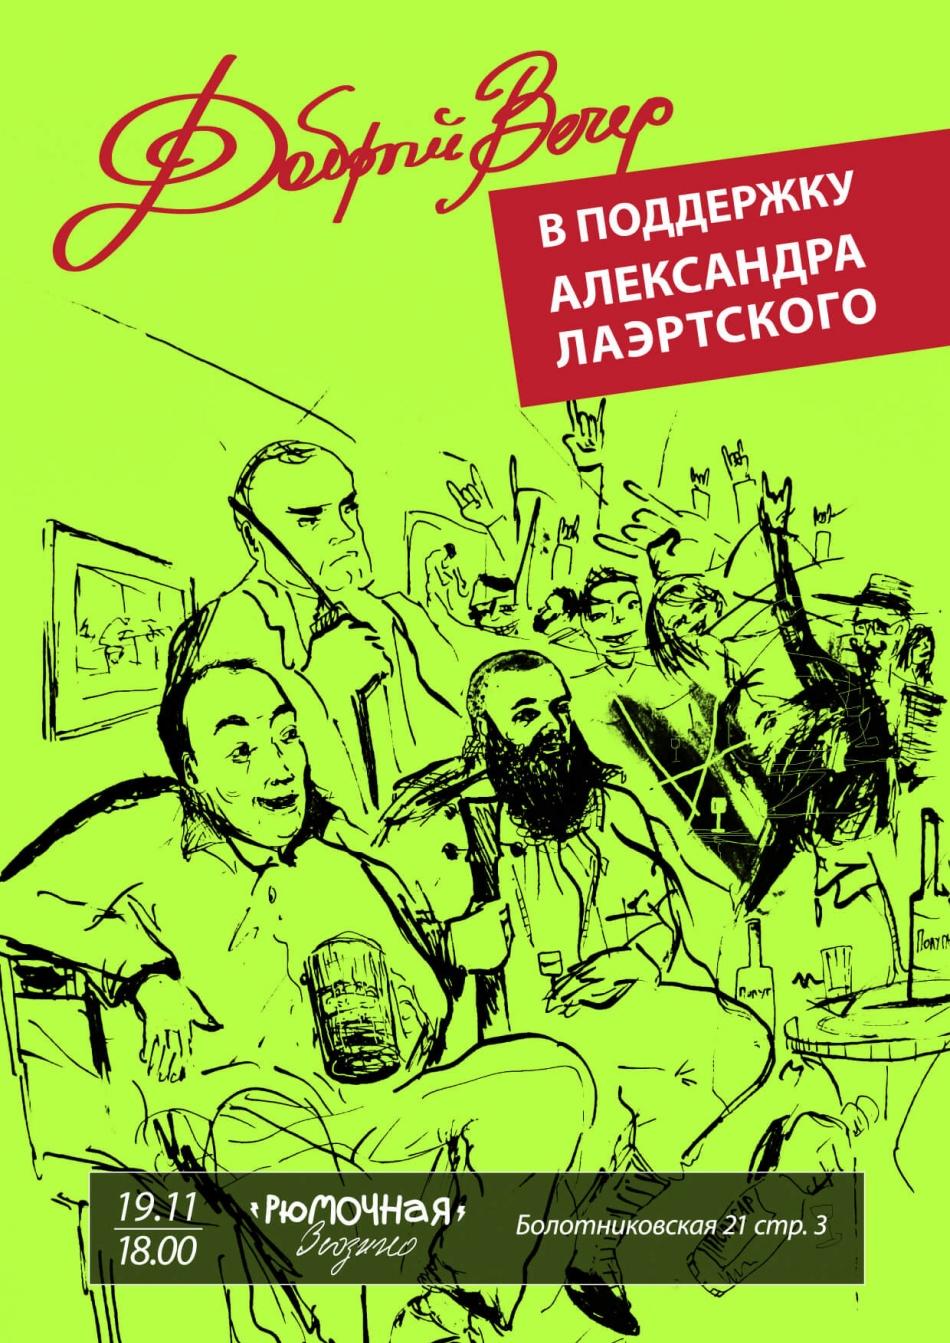 Вечер в поддержку Александра Лаэртского